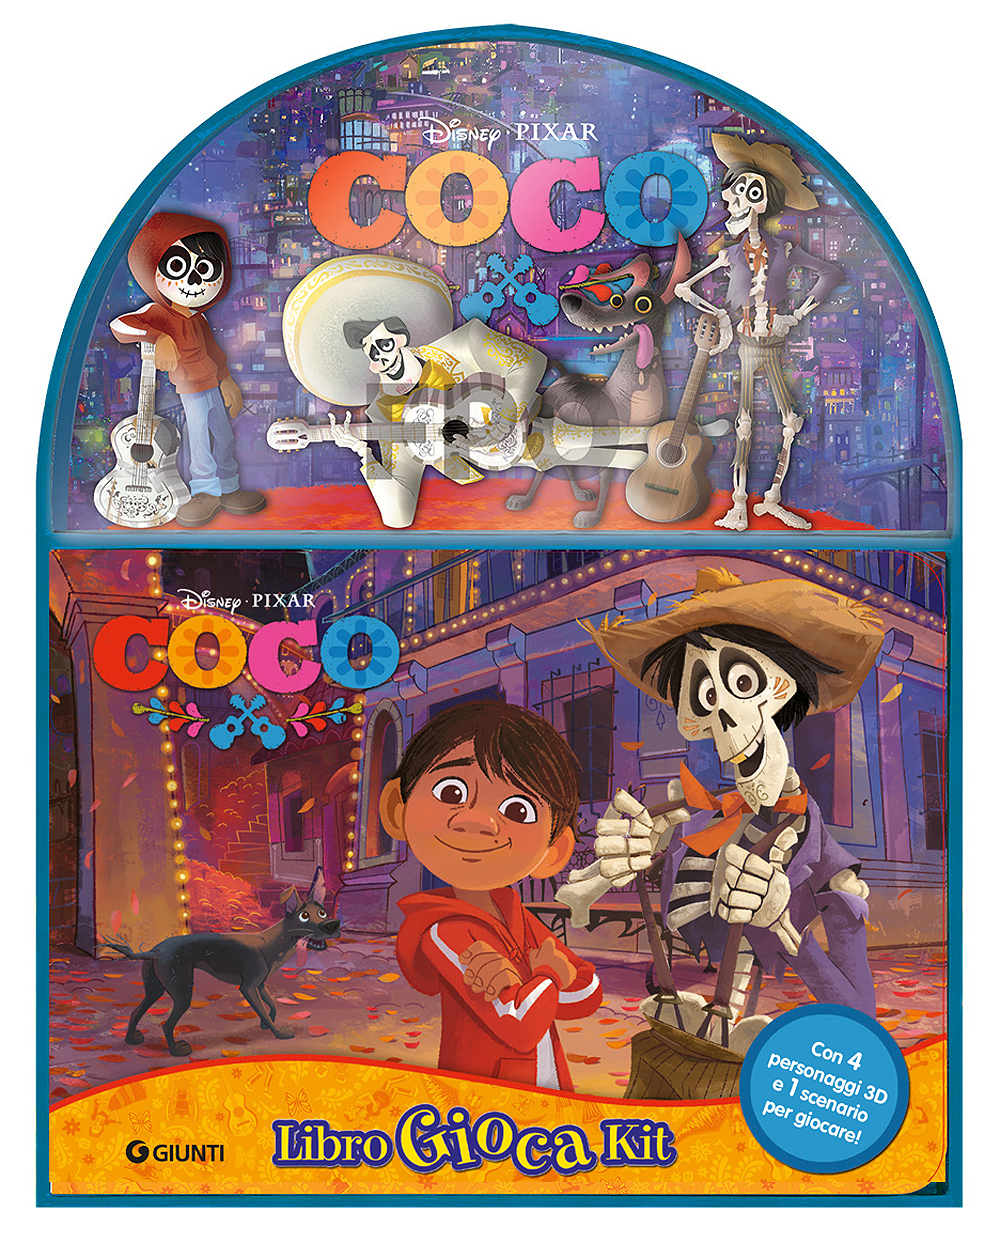 Coco - LibroGiocaKit